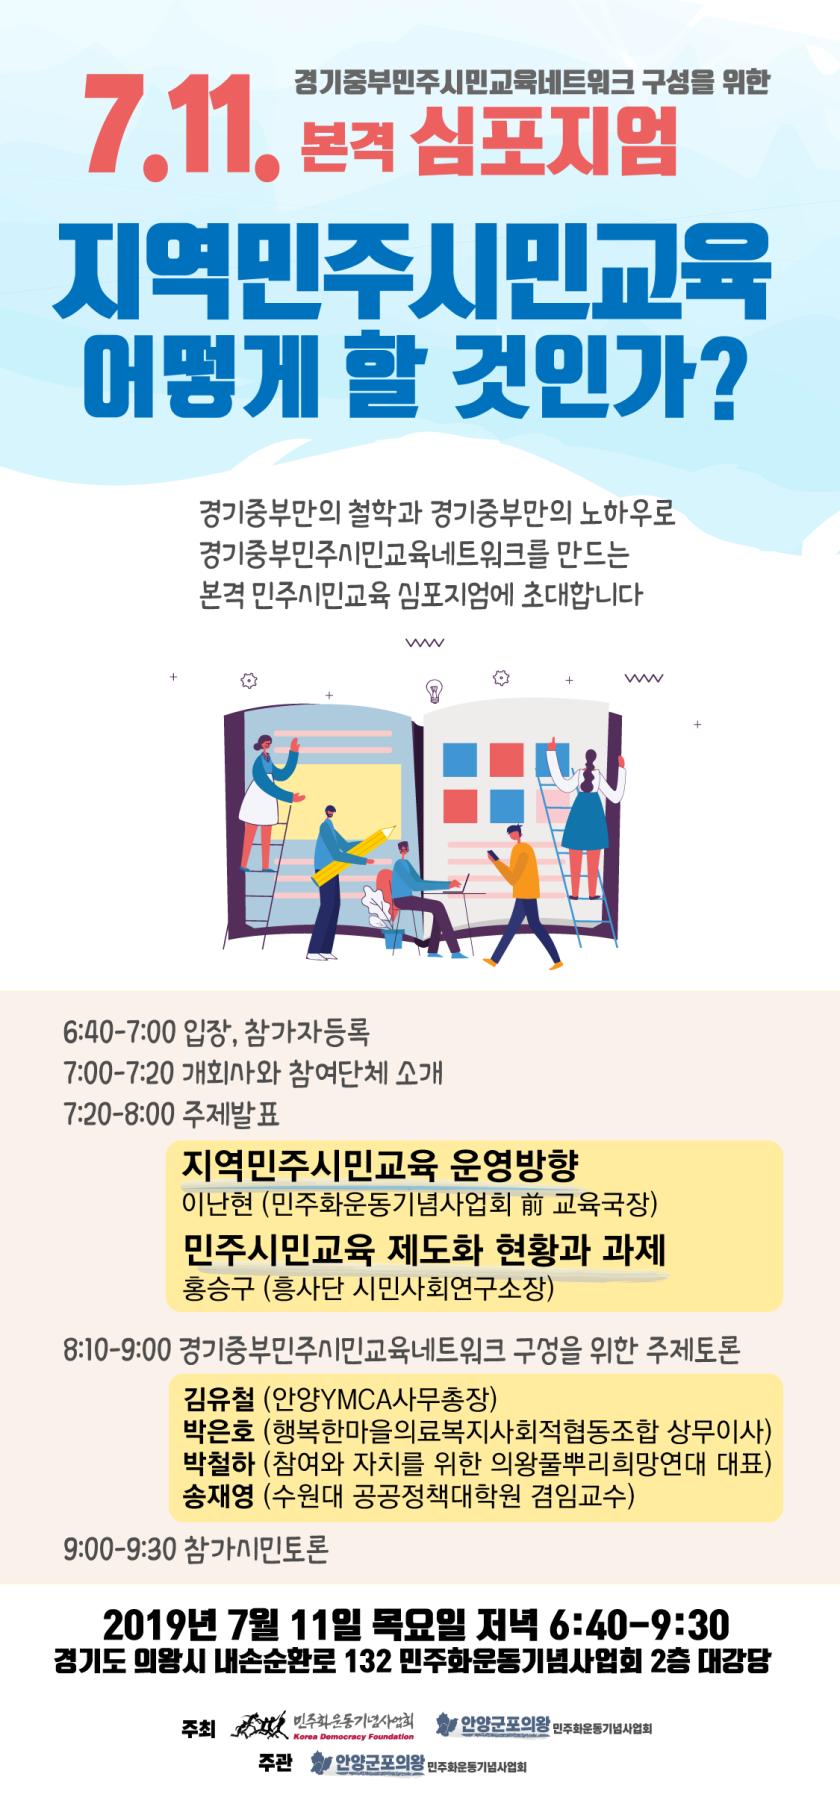 2019-심포지엄_711본격심포지엄